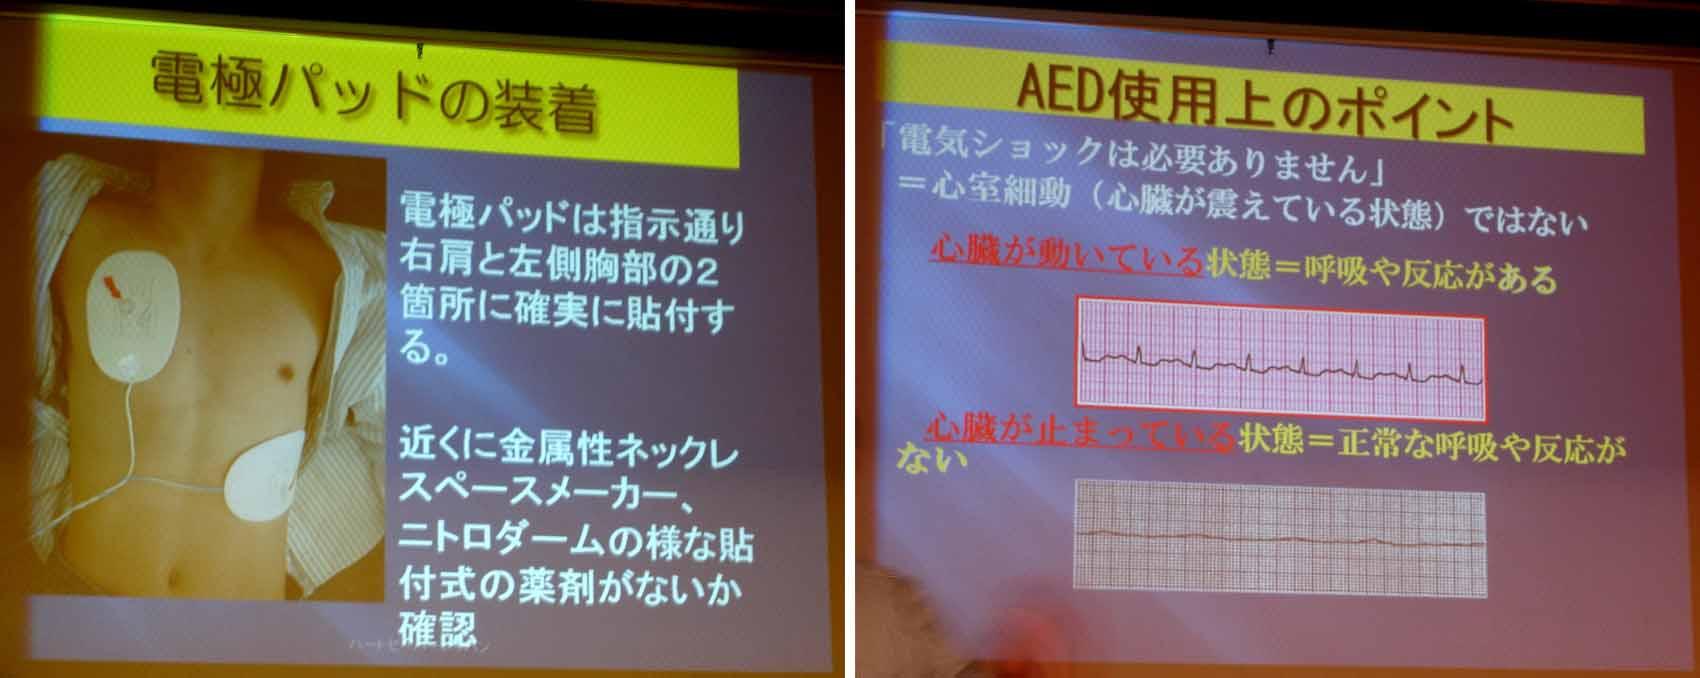 AED使用上のポイント